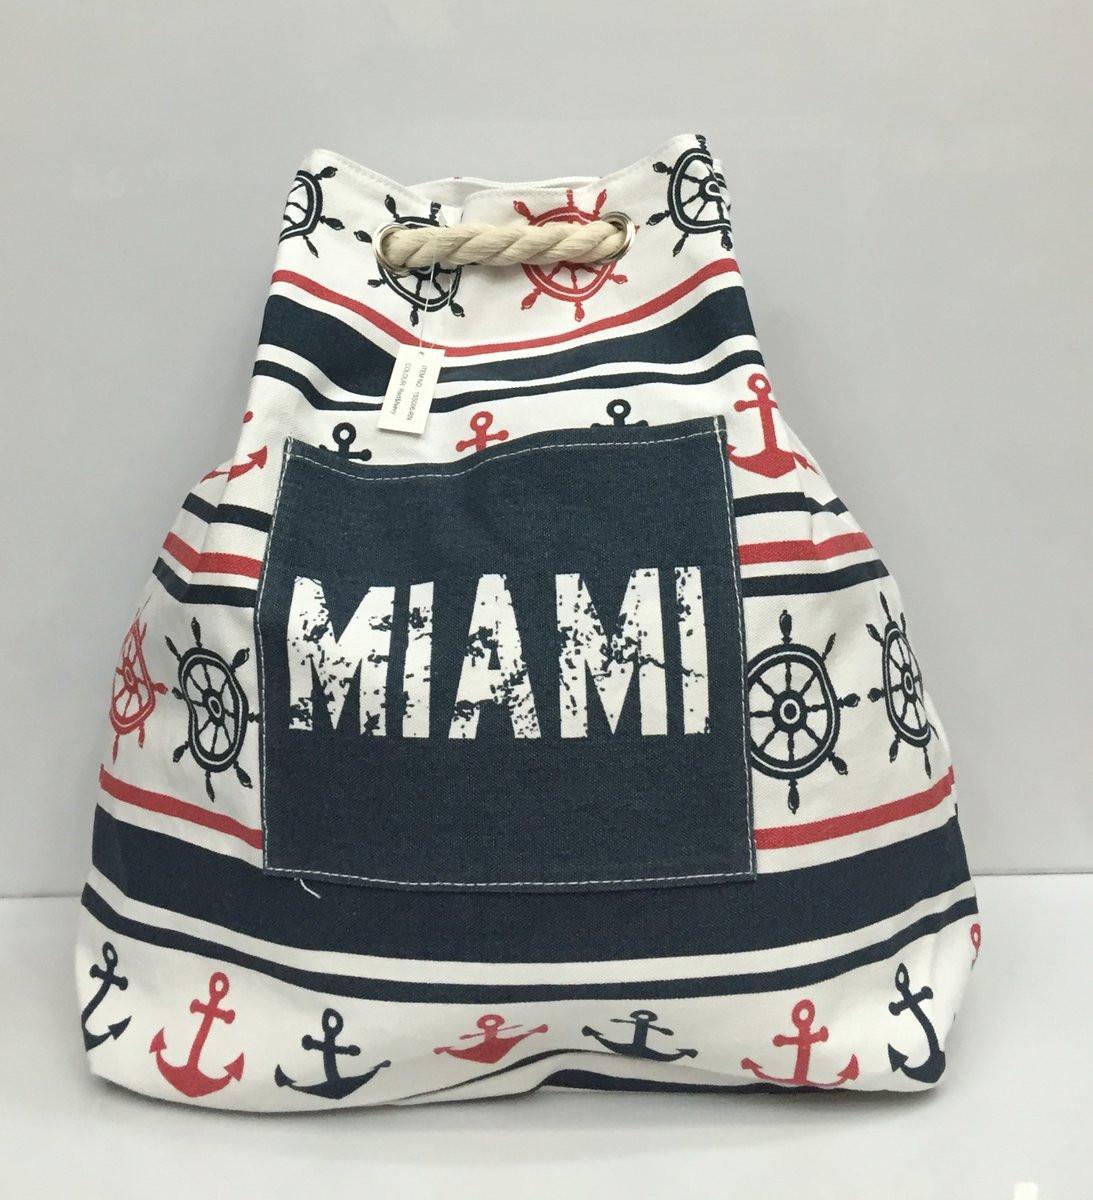 a985fd7c6b05 Пляжная сумка- рюкзак Miami 1758 текстильная с рисунком недорого ...